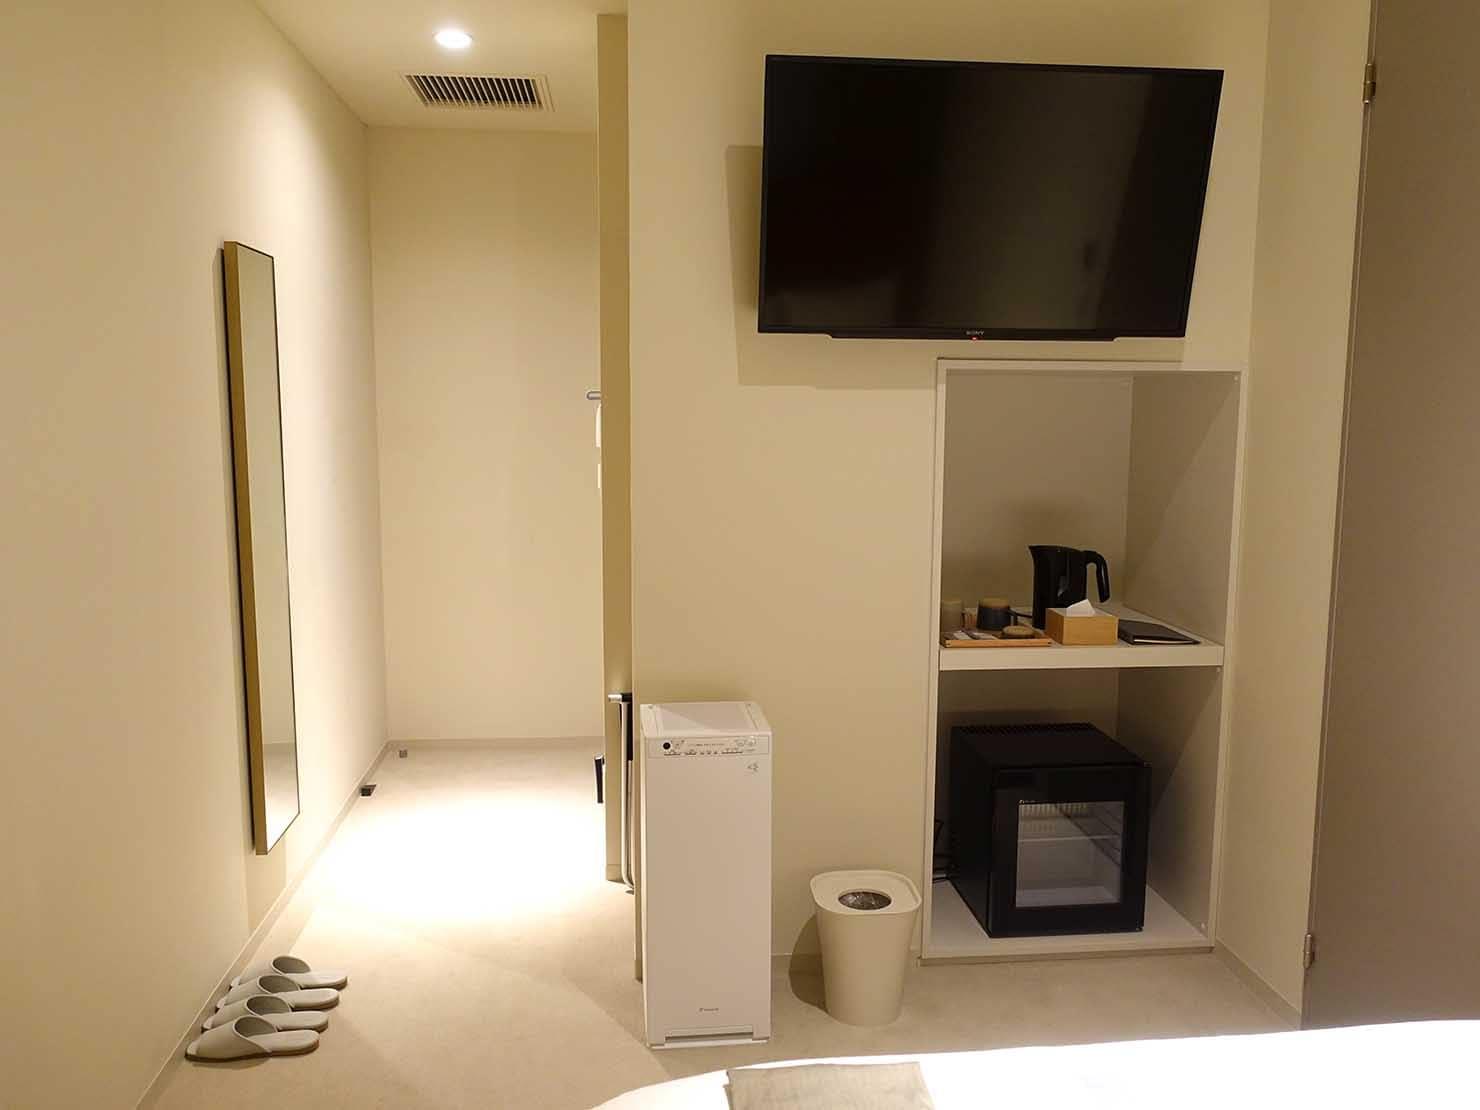 広島・八丁堀のおしゃれなリノベホテル「KIRO広島 The Share Hotels」コンパクトダブルのベッド側から見るベッドルーム